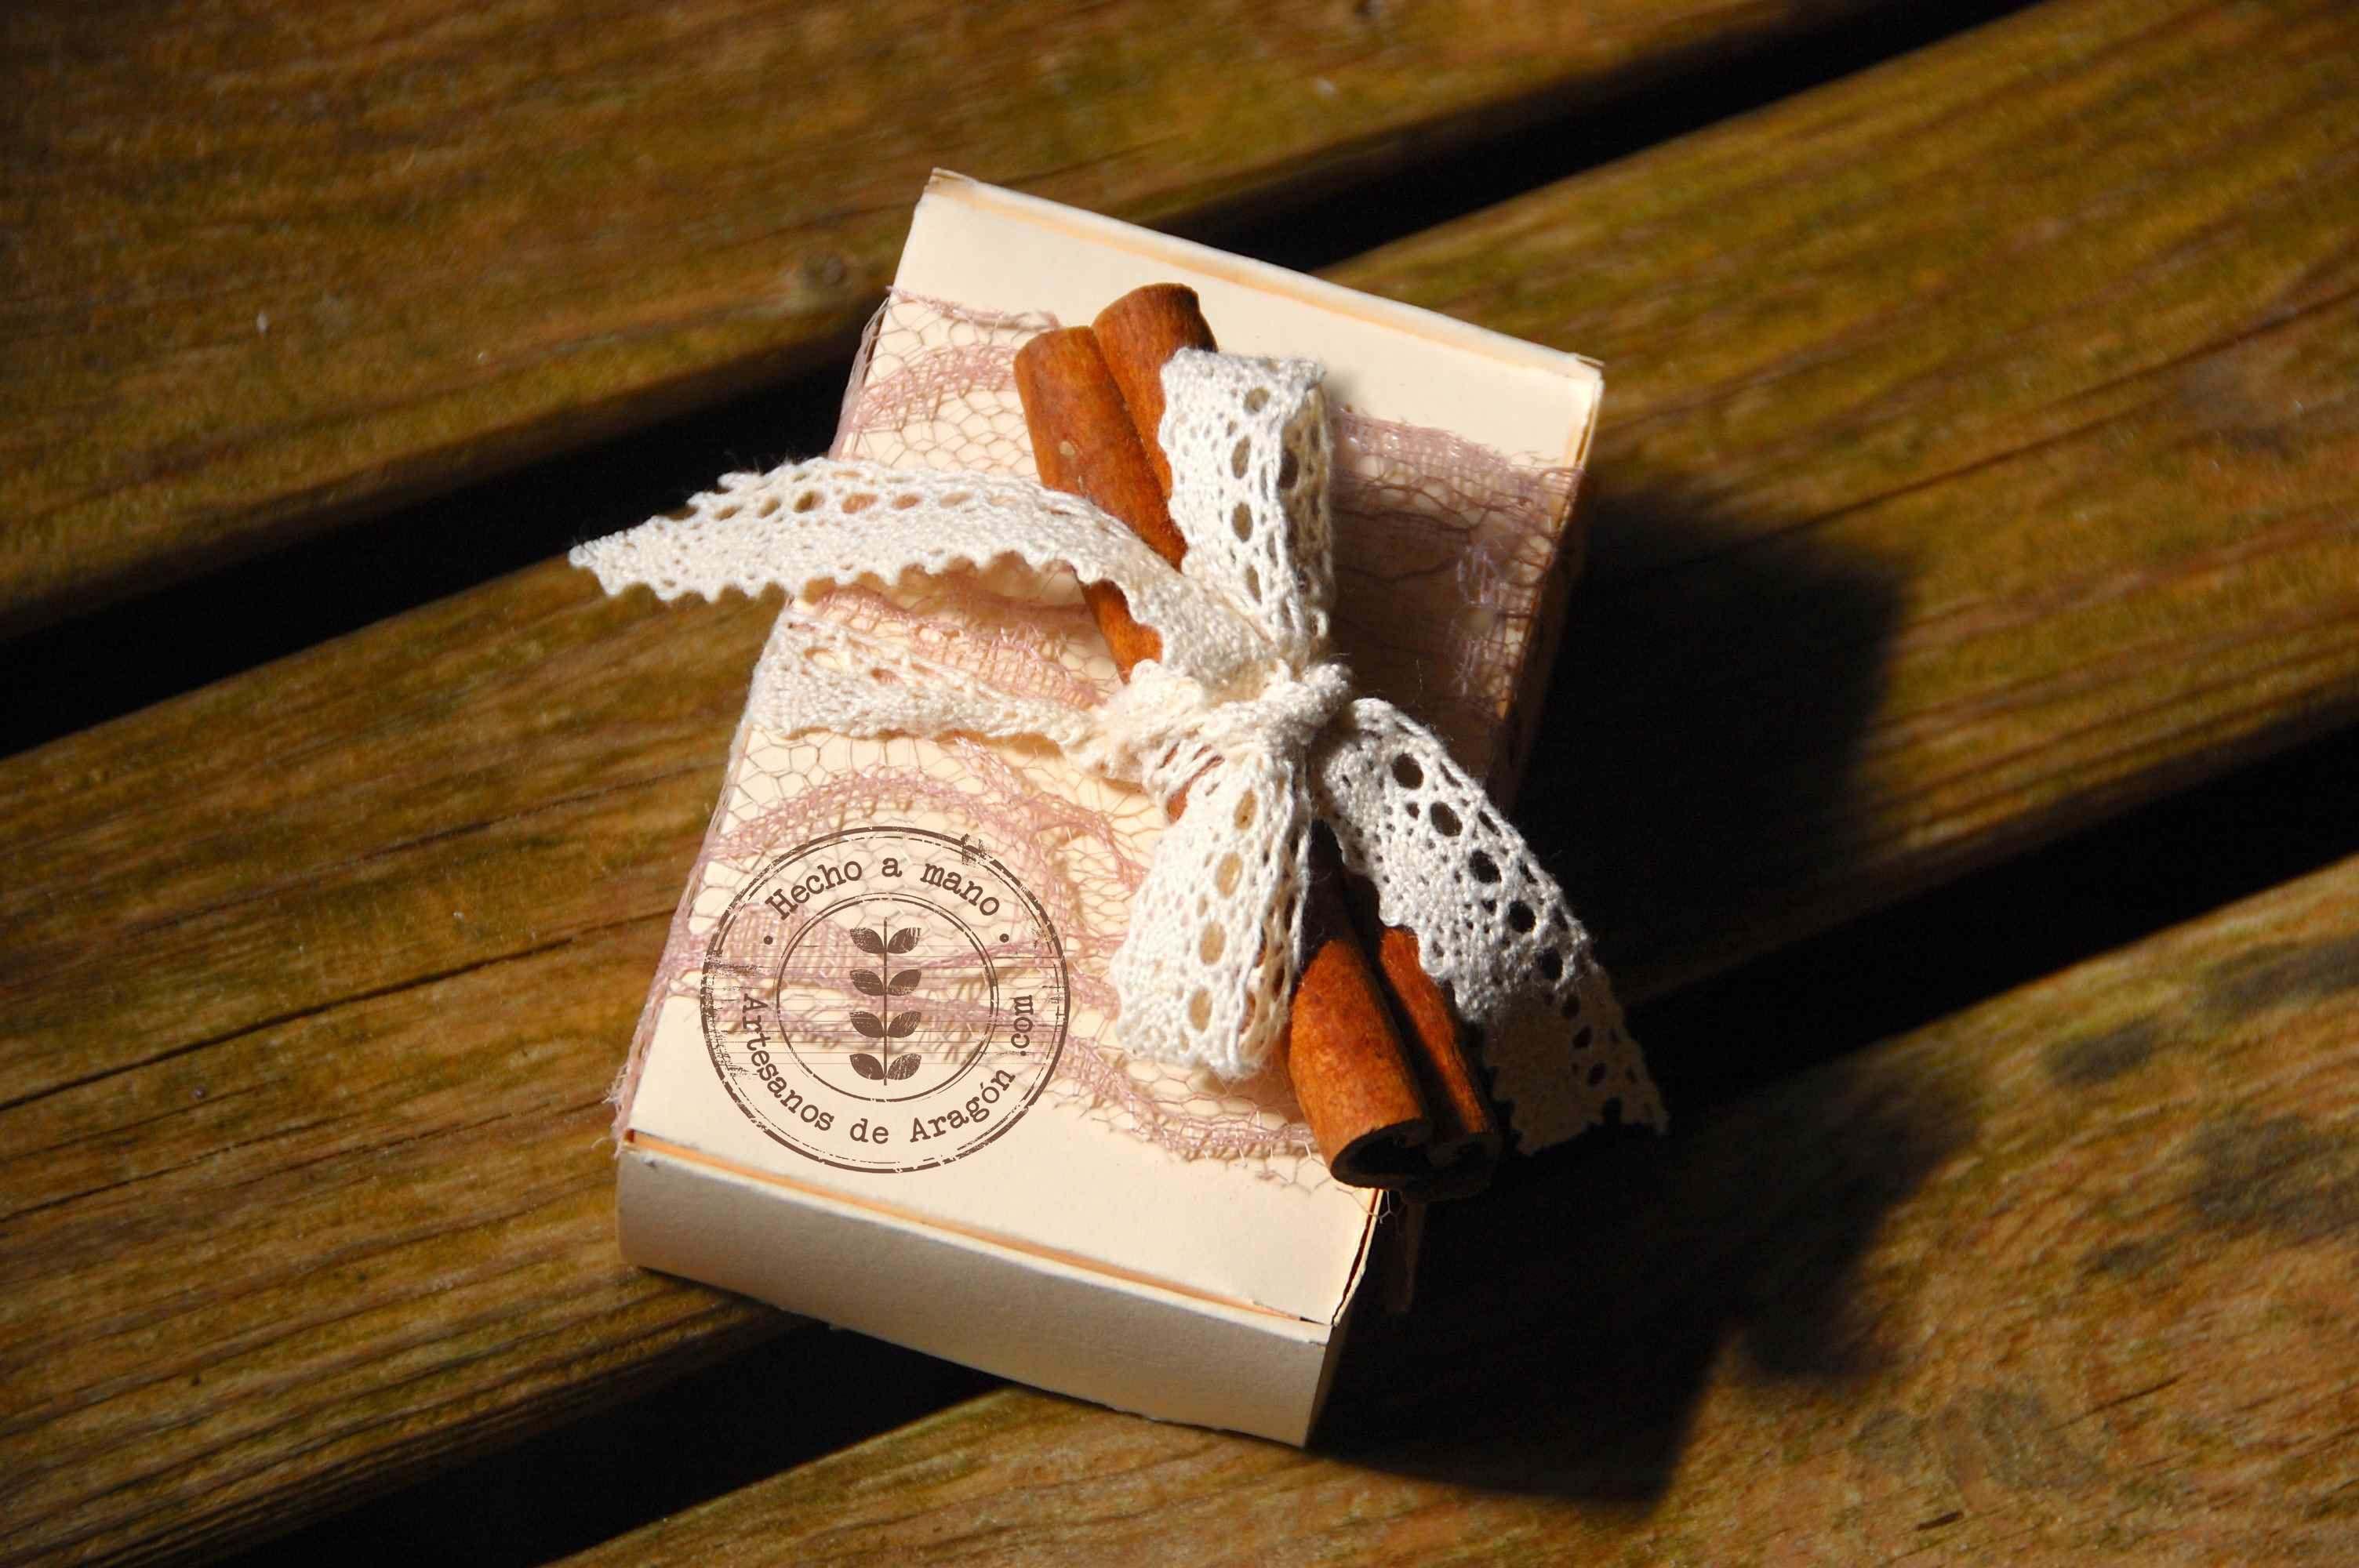 Jabón Delicioso Canela en Rama Artesanos de Aragón Limited Edition